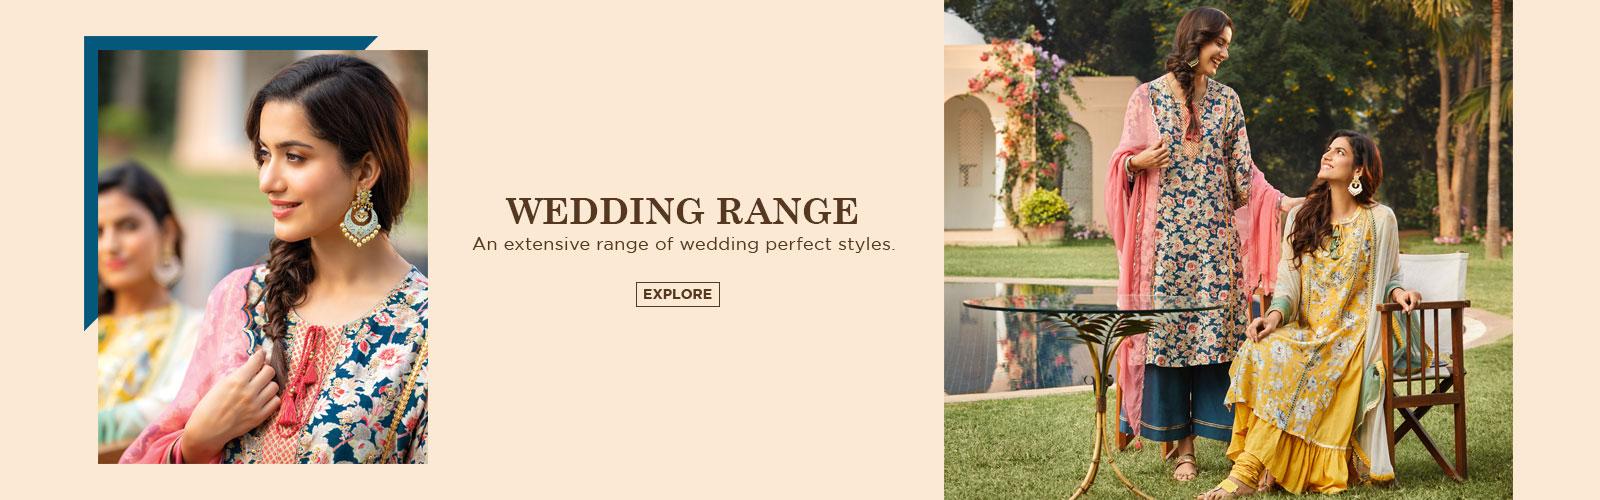 Wedding Range